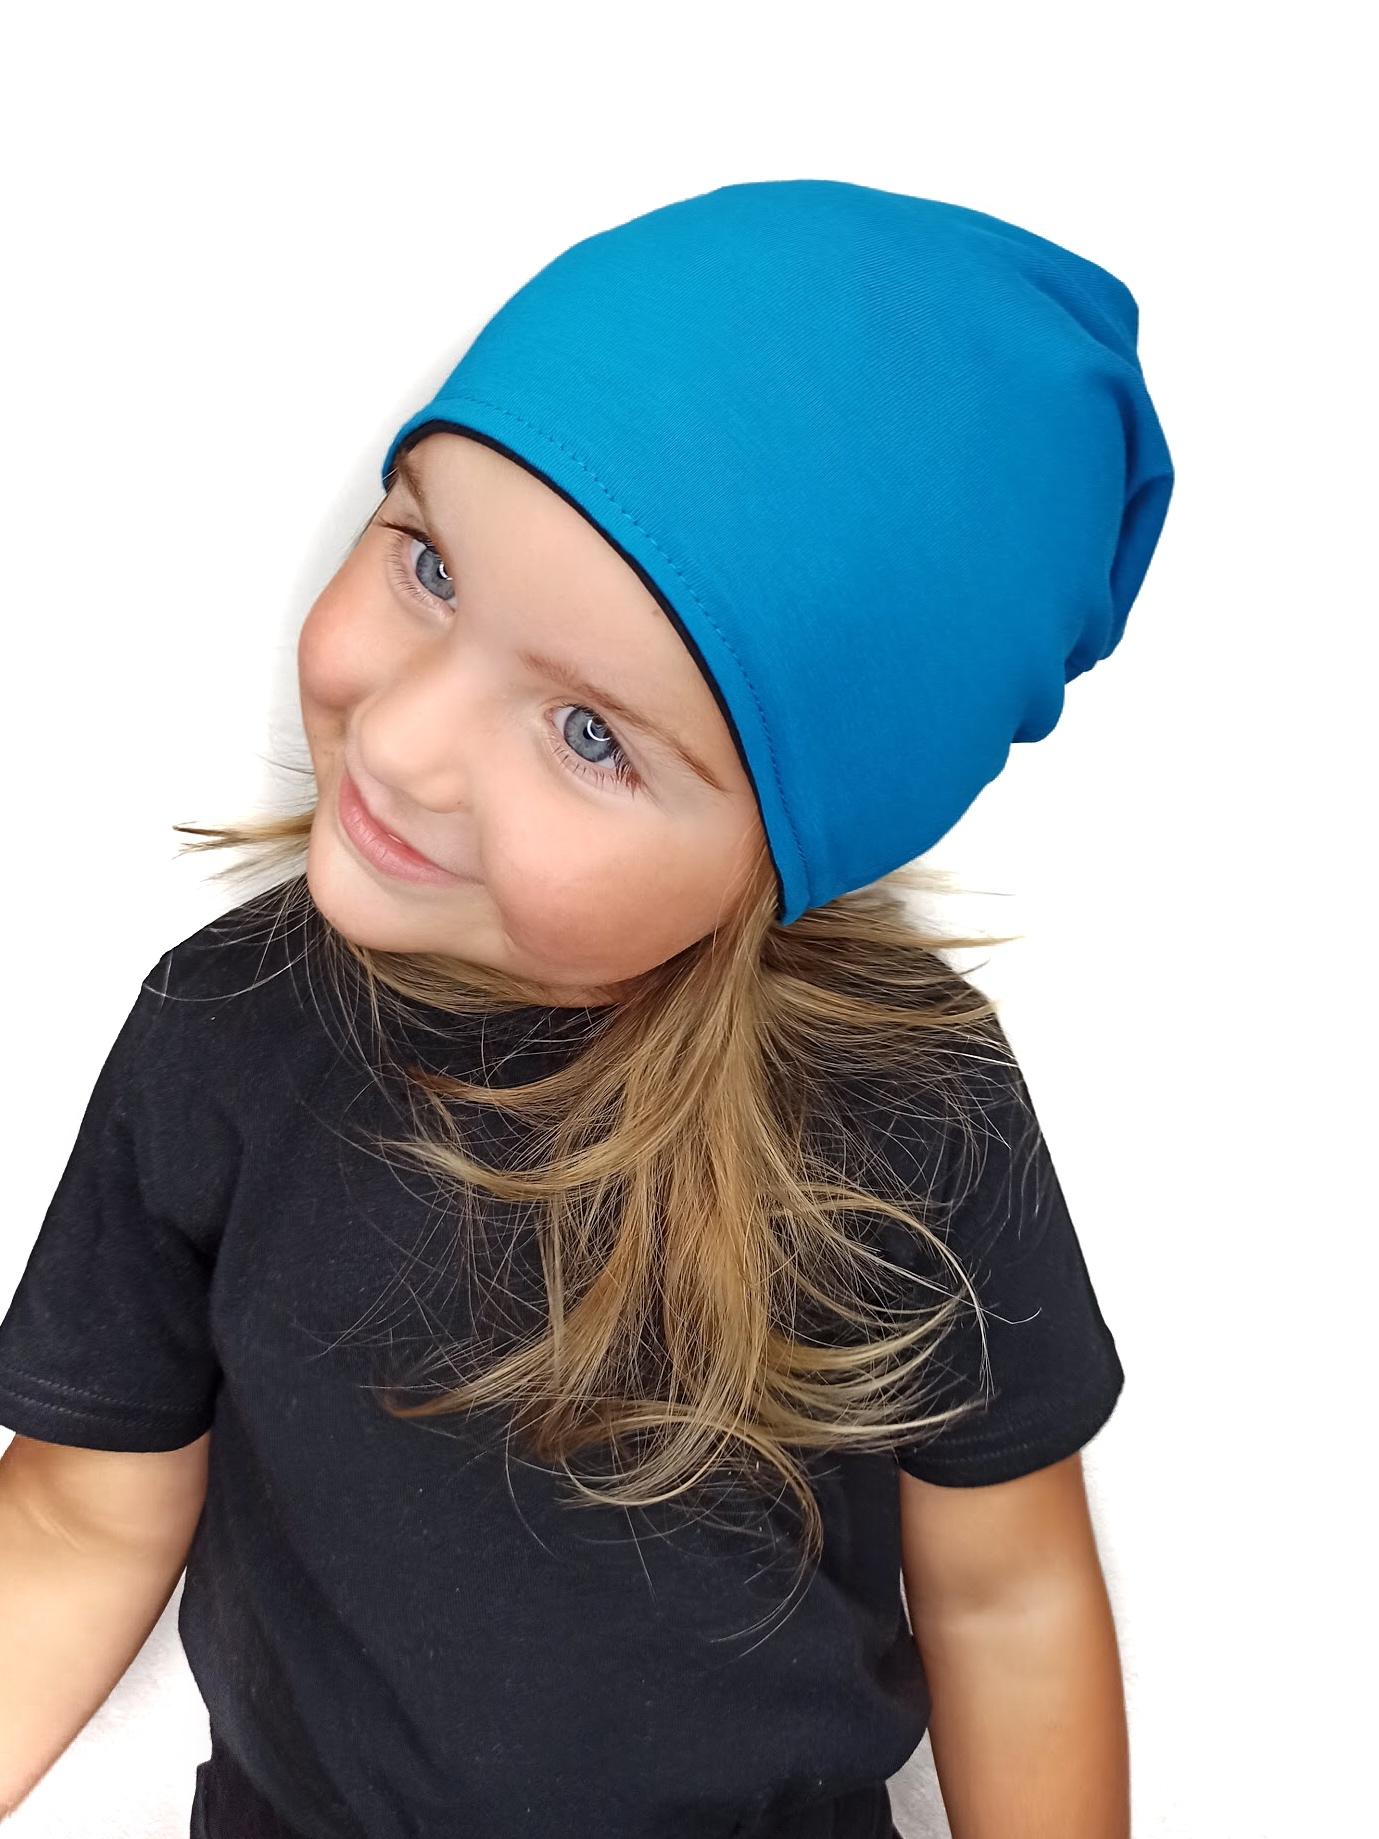 Dětská čepice bavlněná, oboustranná, tmavě šedý melír+tmavý tyrkys, s